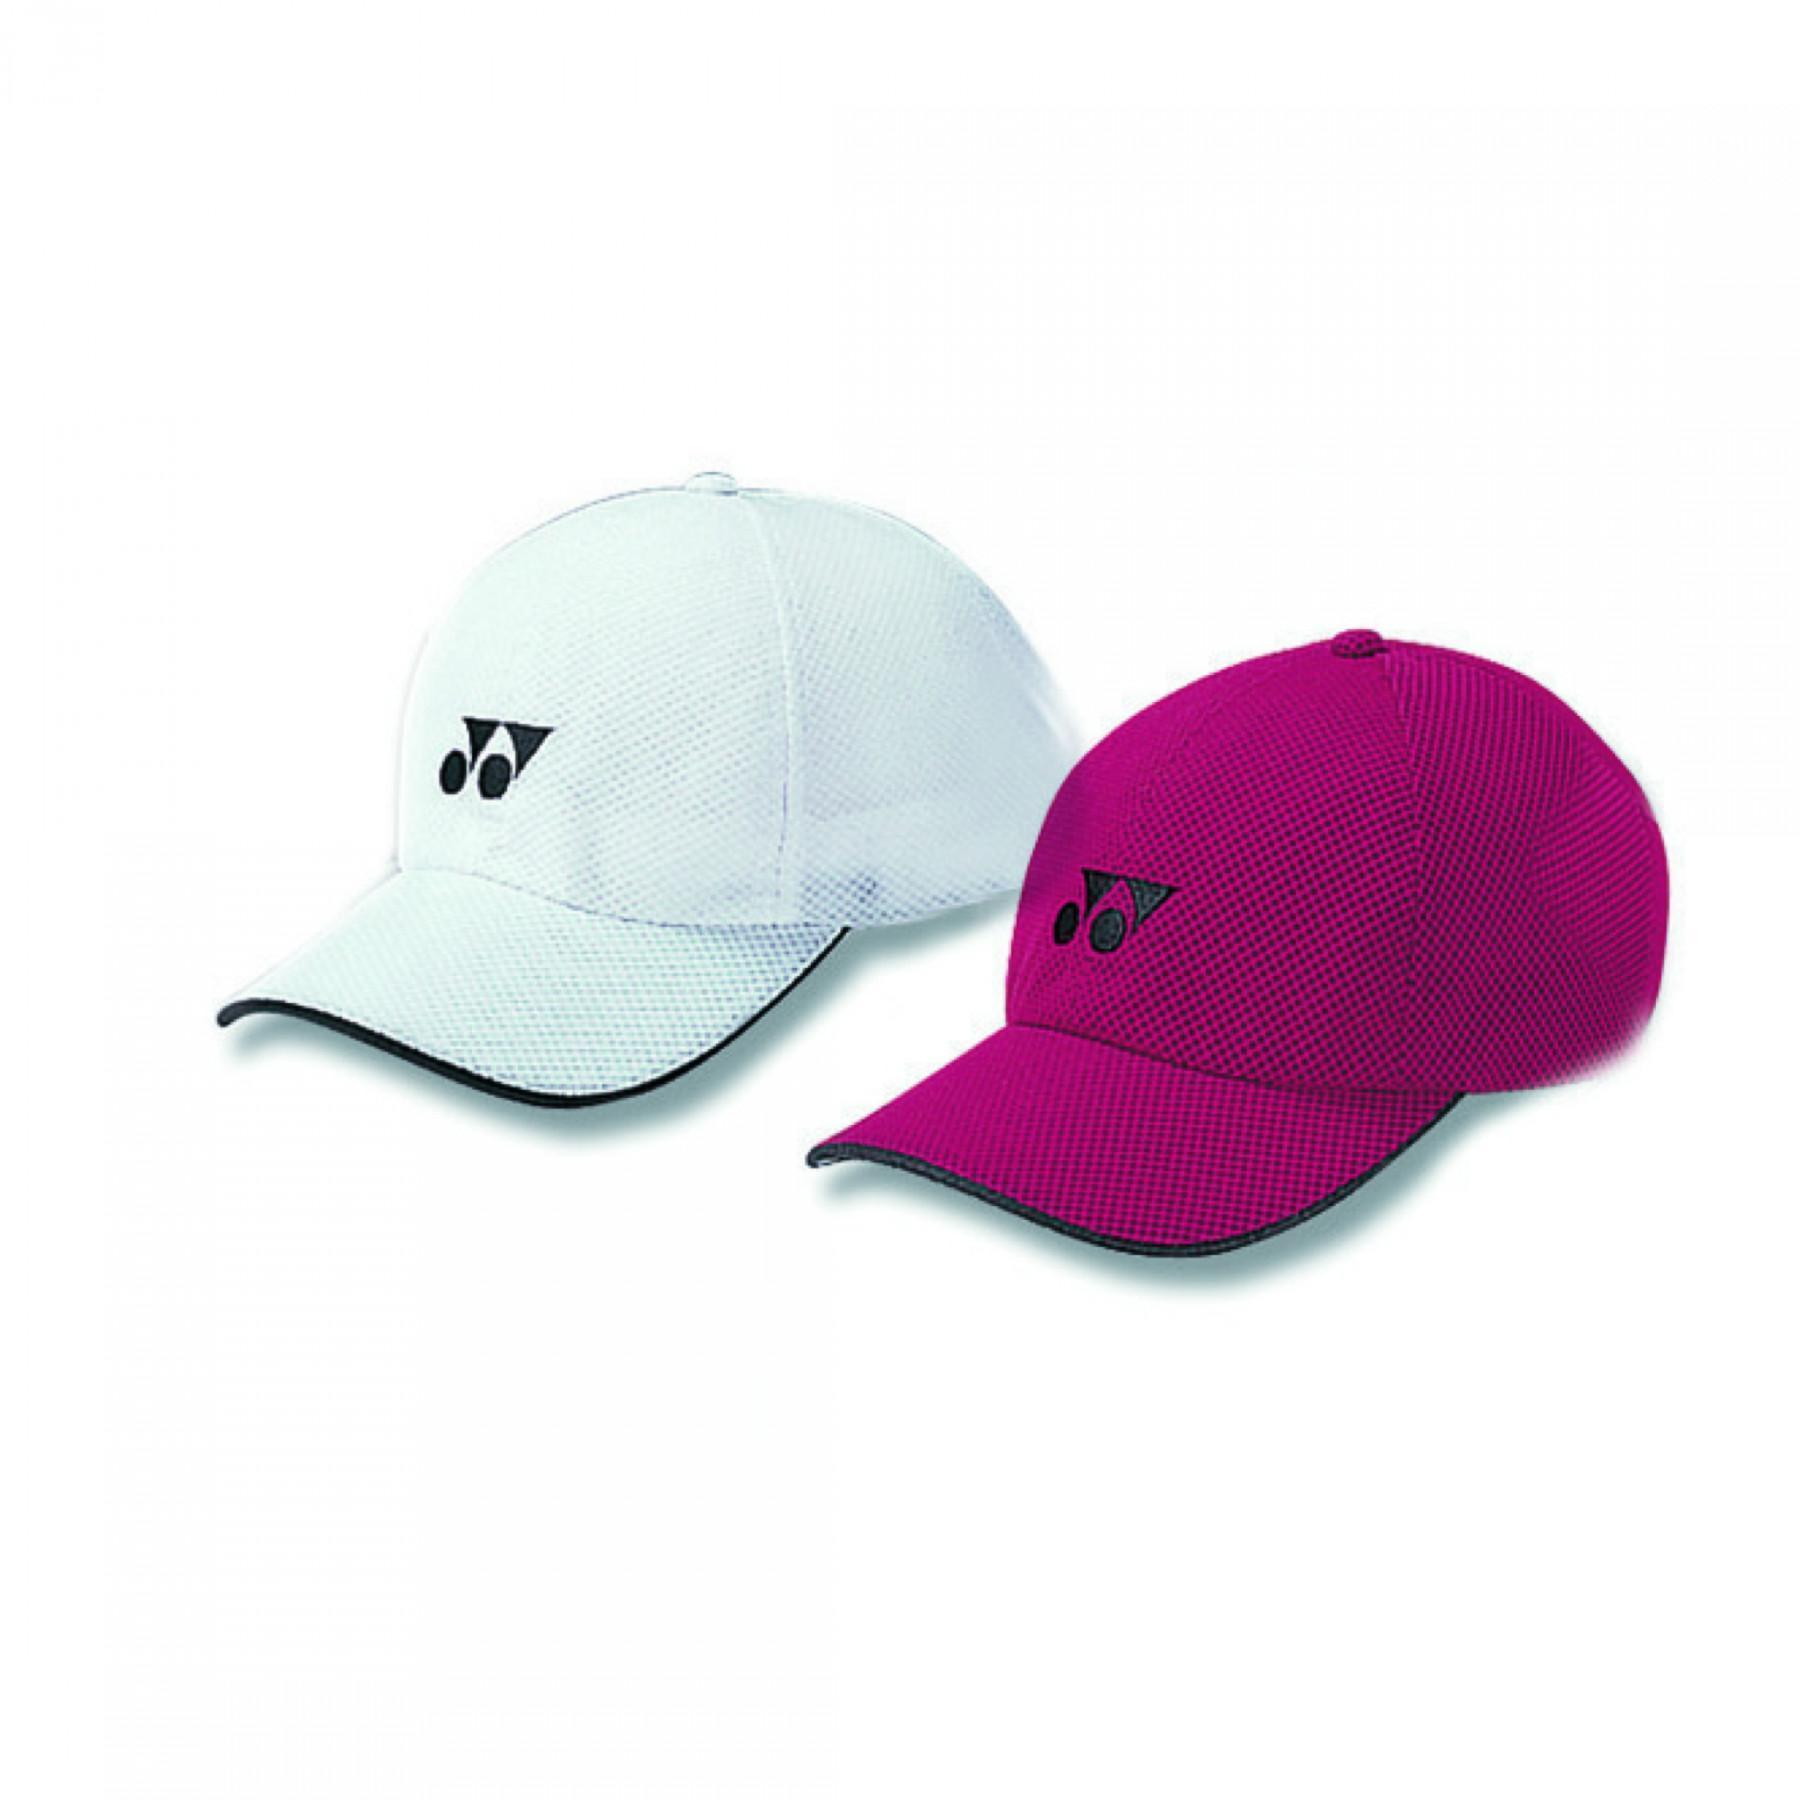 Yonex Cap